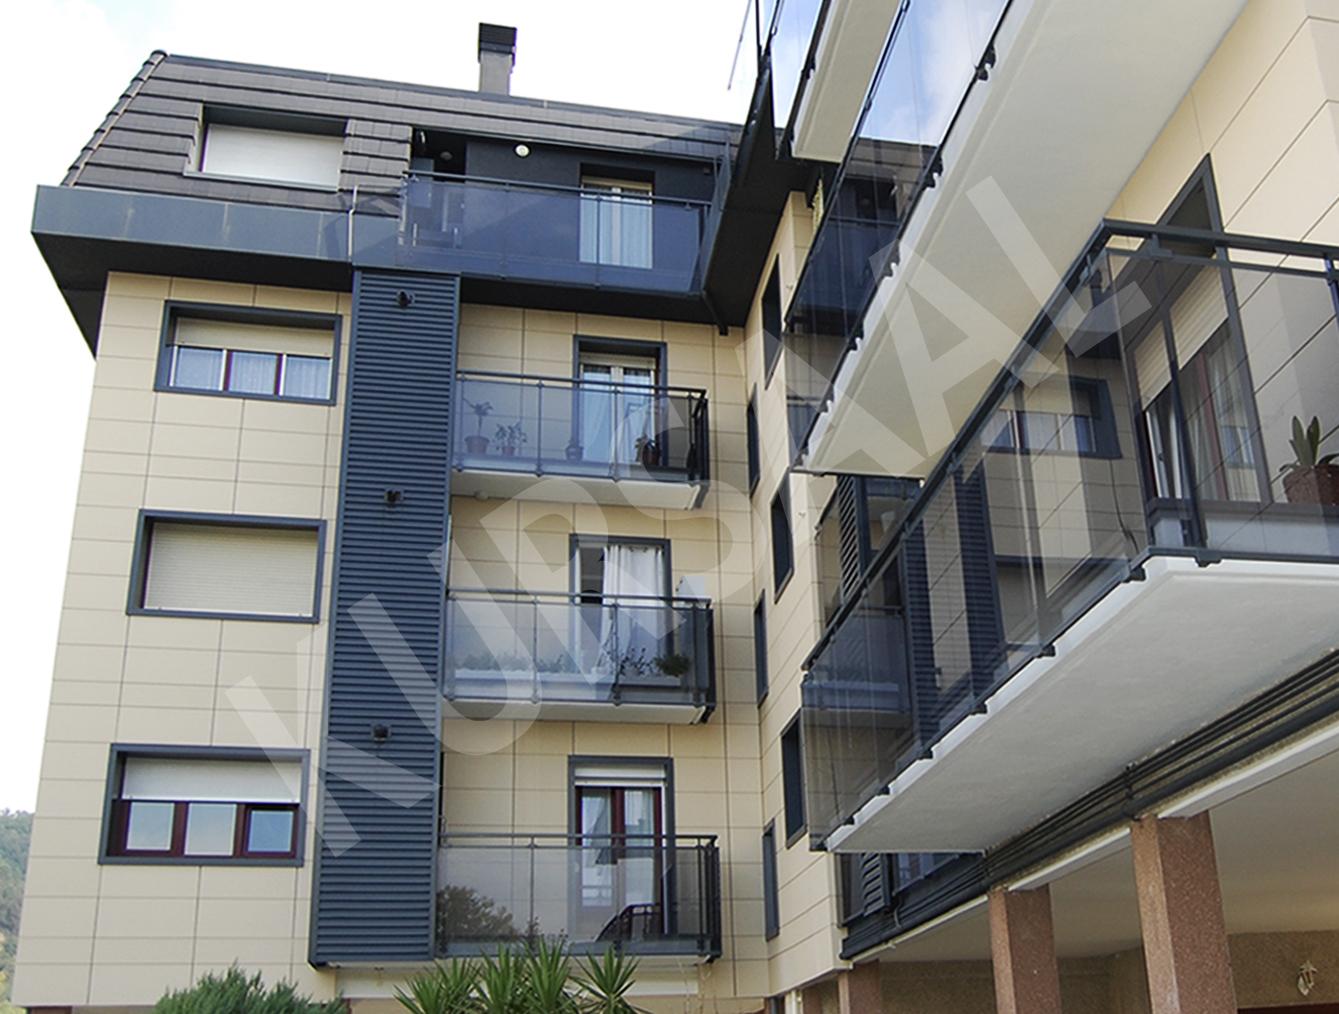 foto 2 - Aislamientos Térmicos y Eficiencia Energética-Zarategi, 29 - 31-DONOSTIA, GIPUZKOA